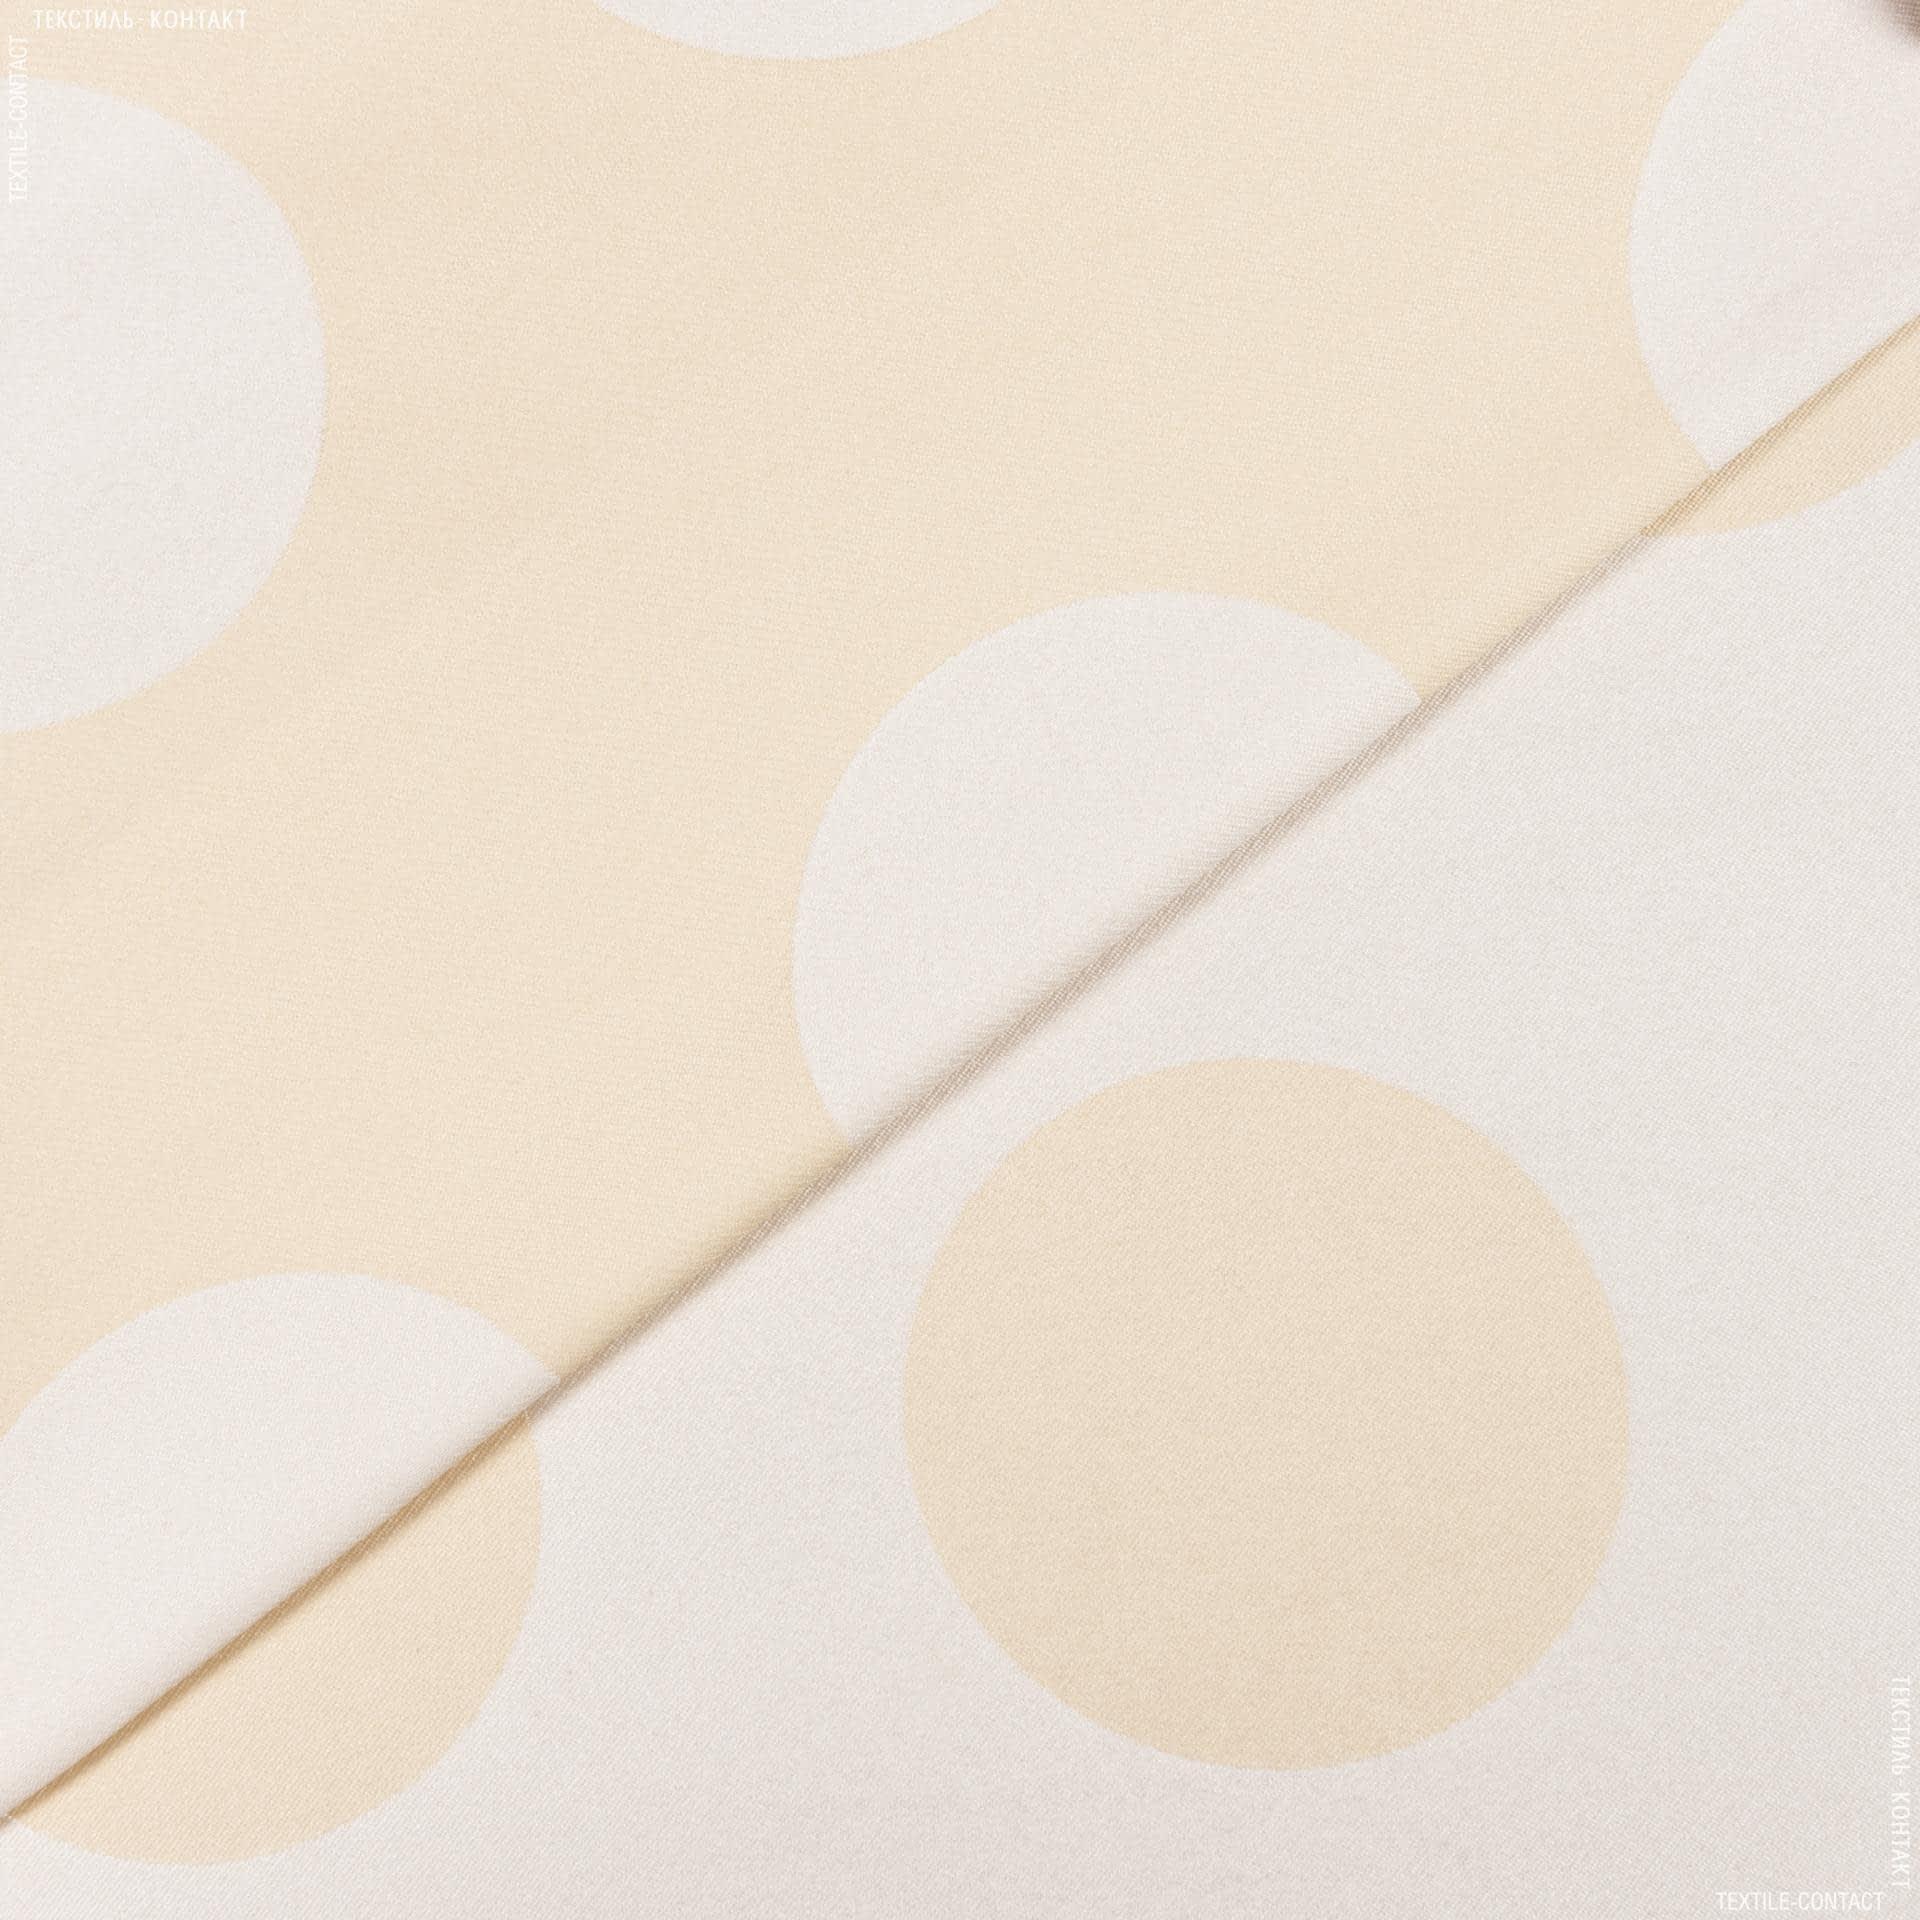 Ткани для костюмов - Костюмный атлас двухсторонний